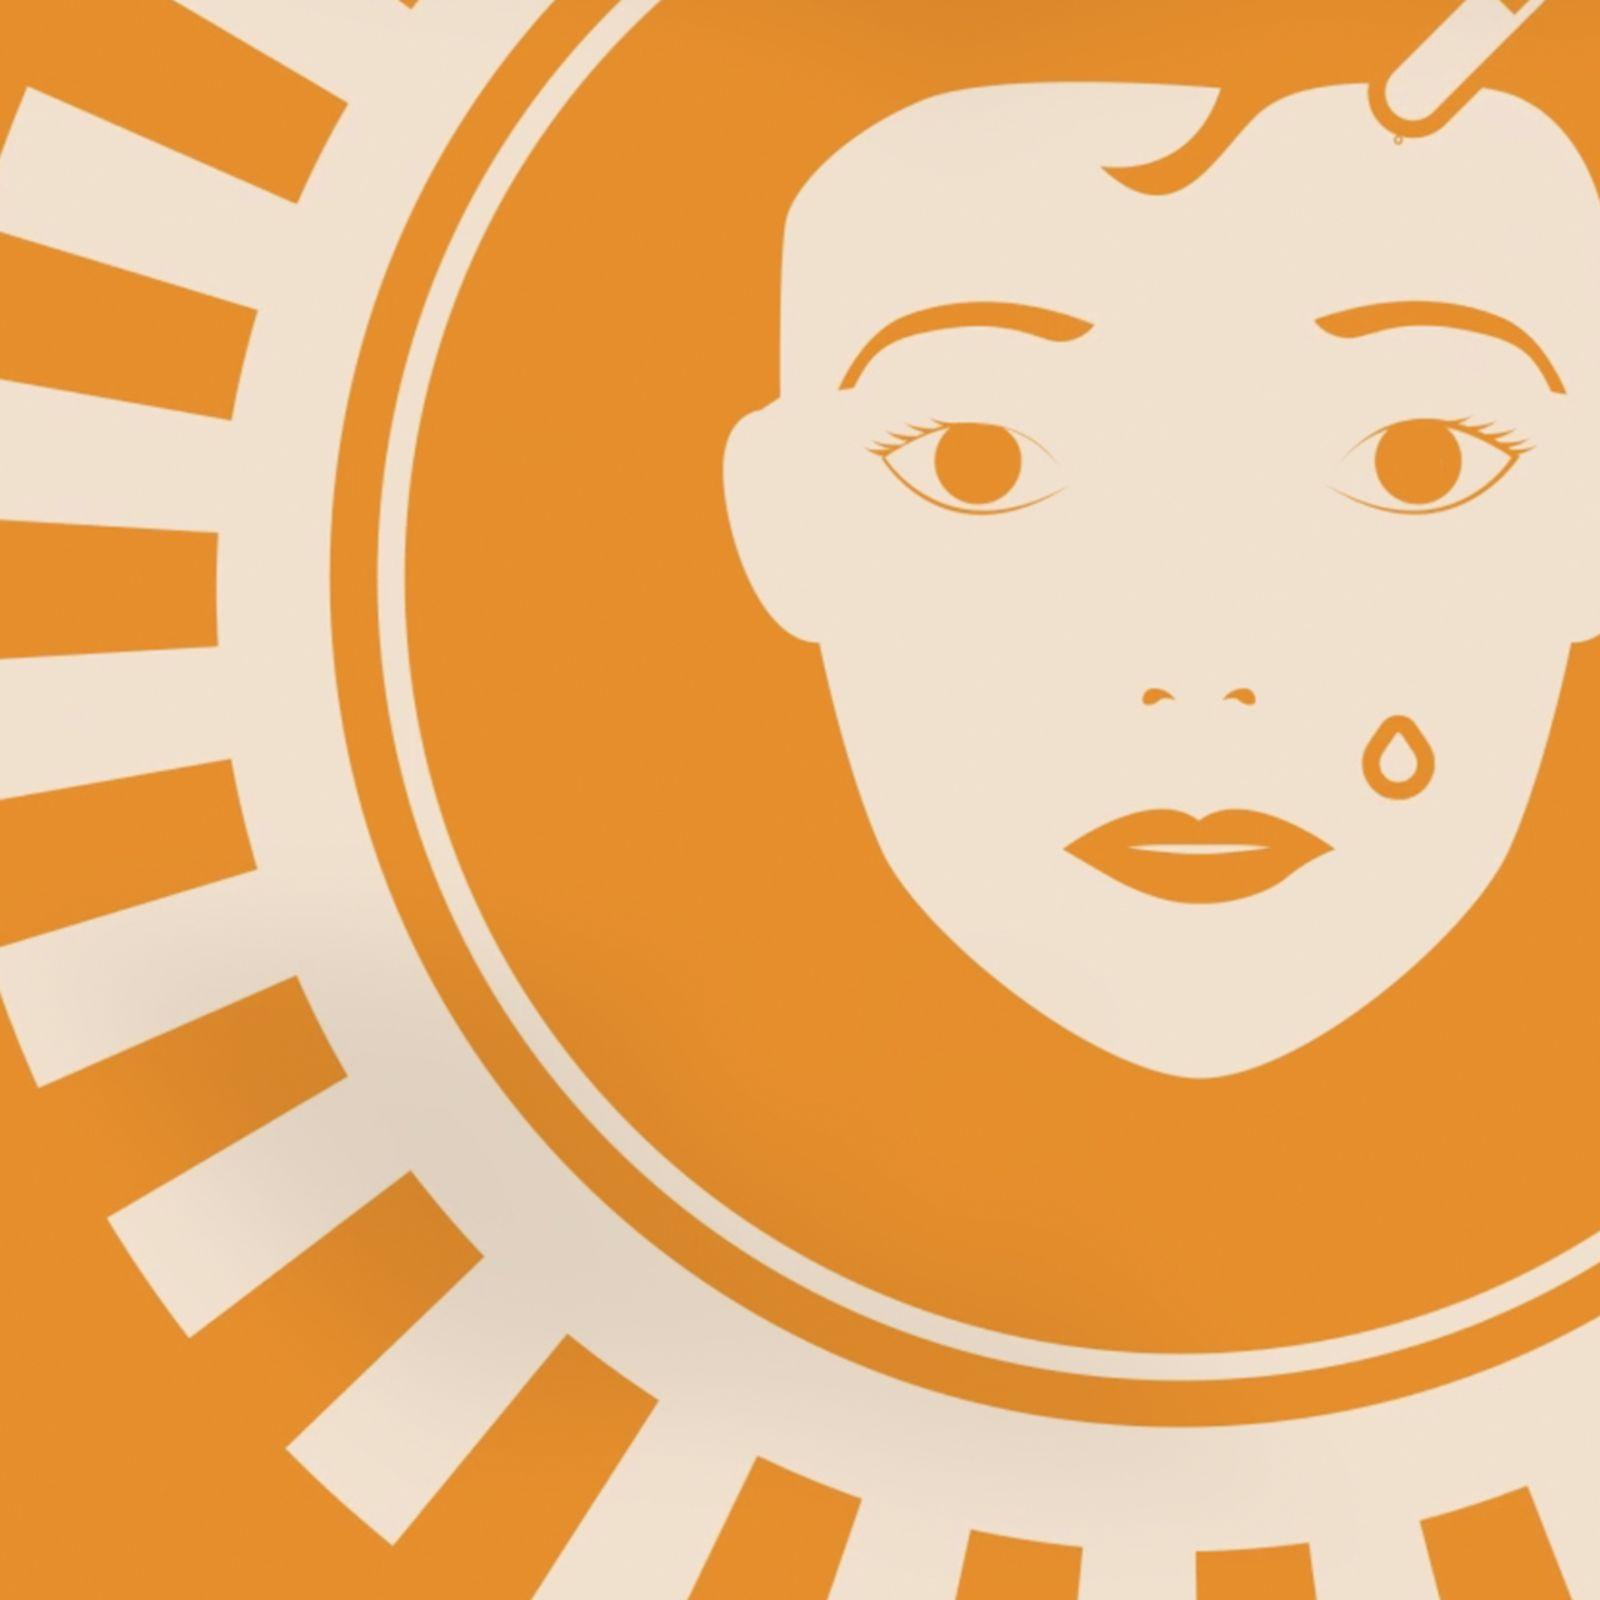 Cómo escoger un sérum de vitamina C según las necesidades de tu piel